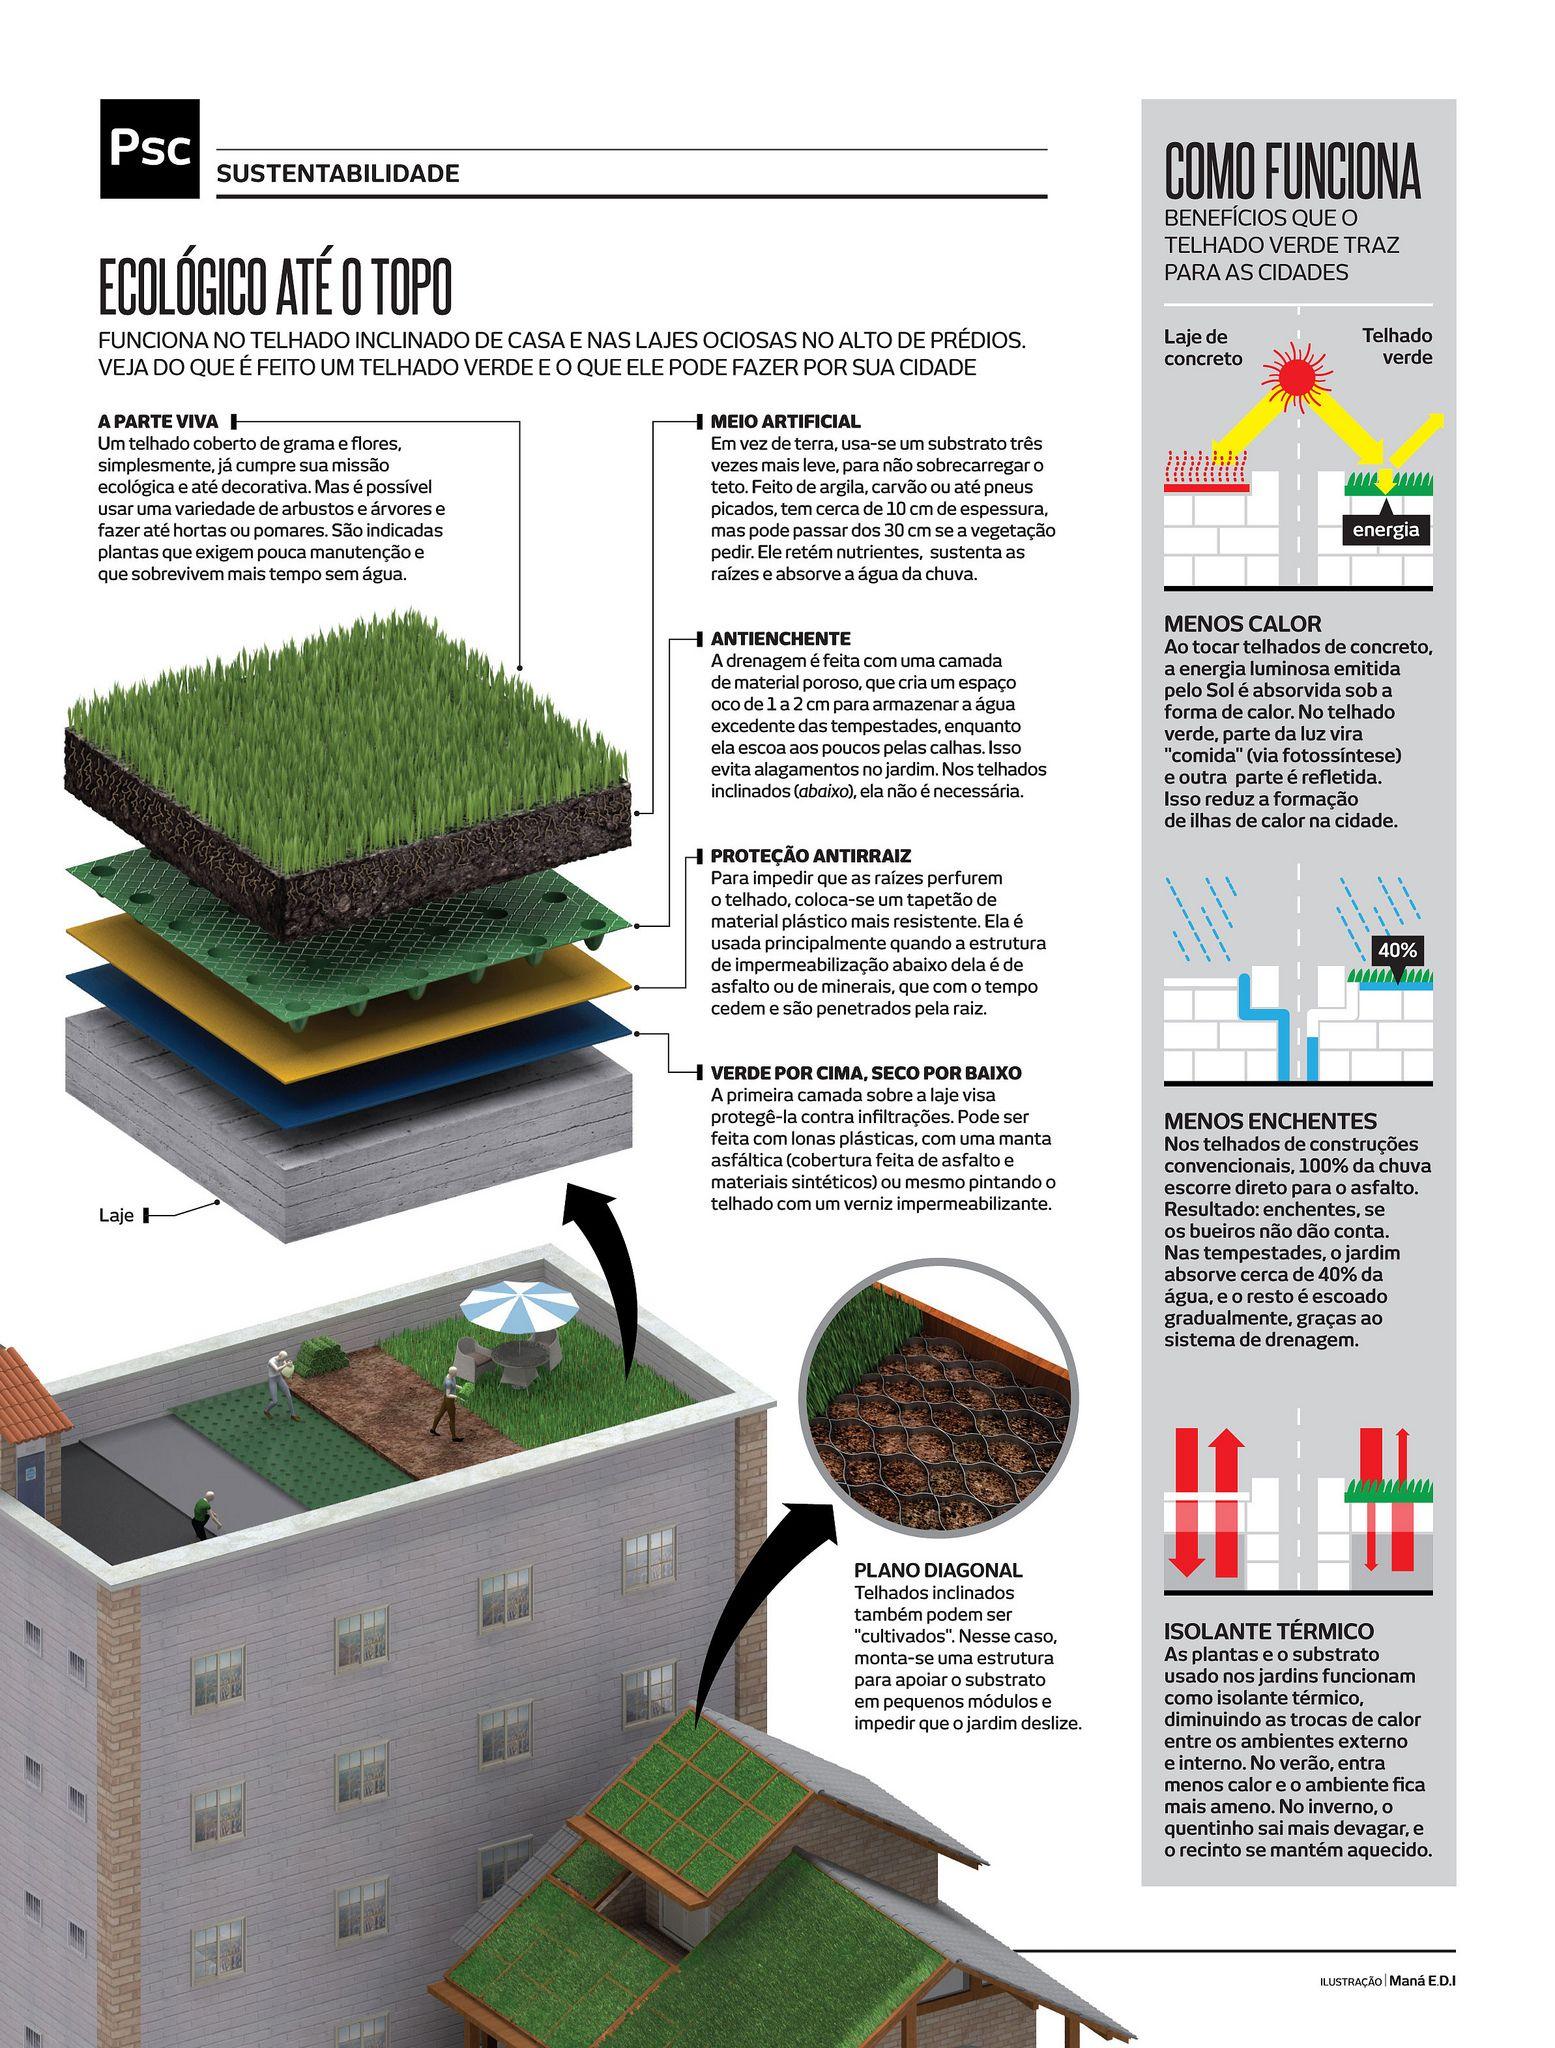 Ga259 12 14 Psctelhadosverdes 2 In 2020 Green Facade Green Roof Benefits Green Roof